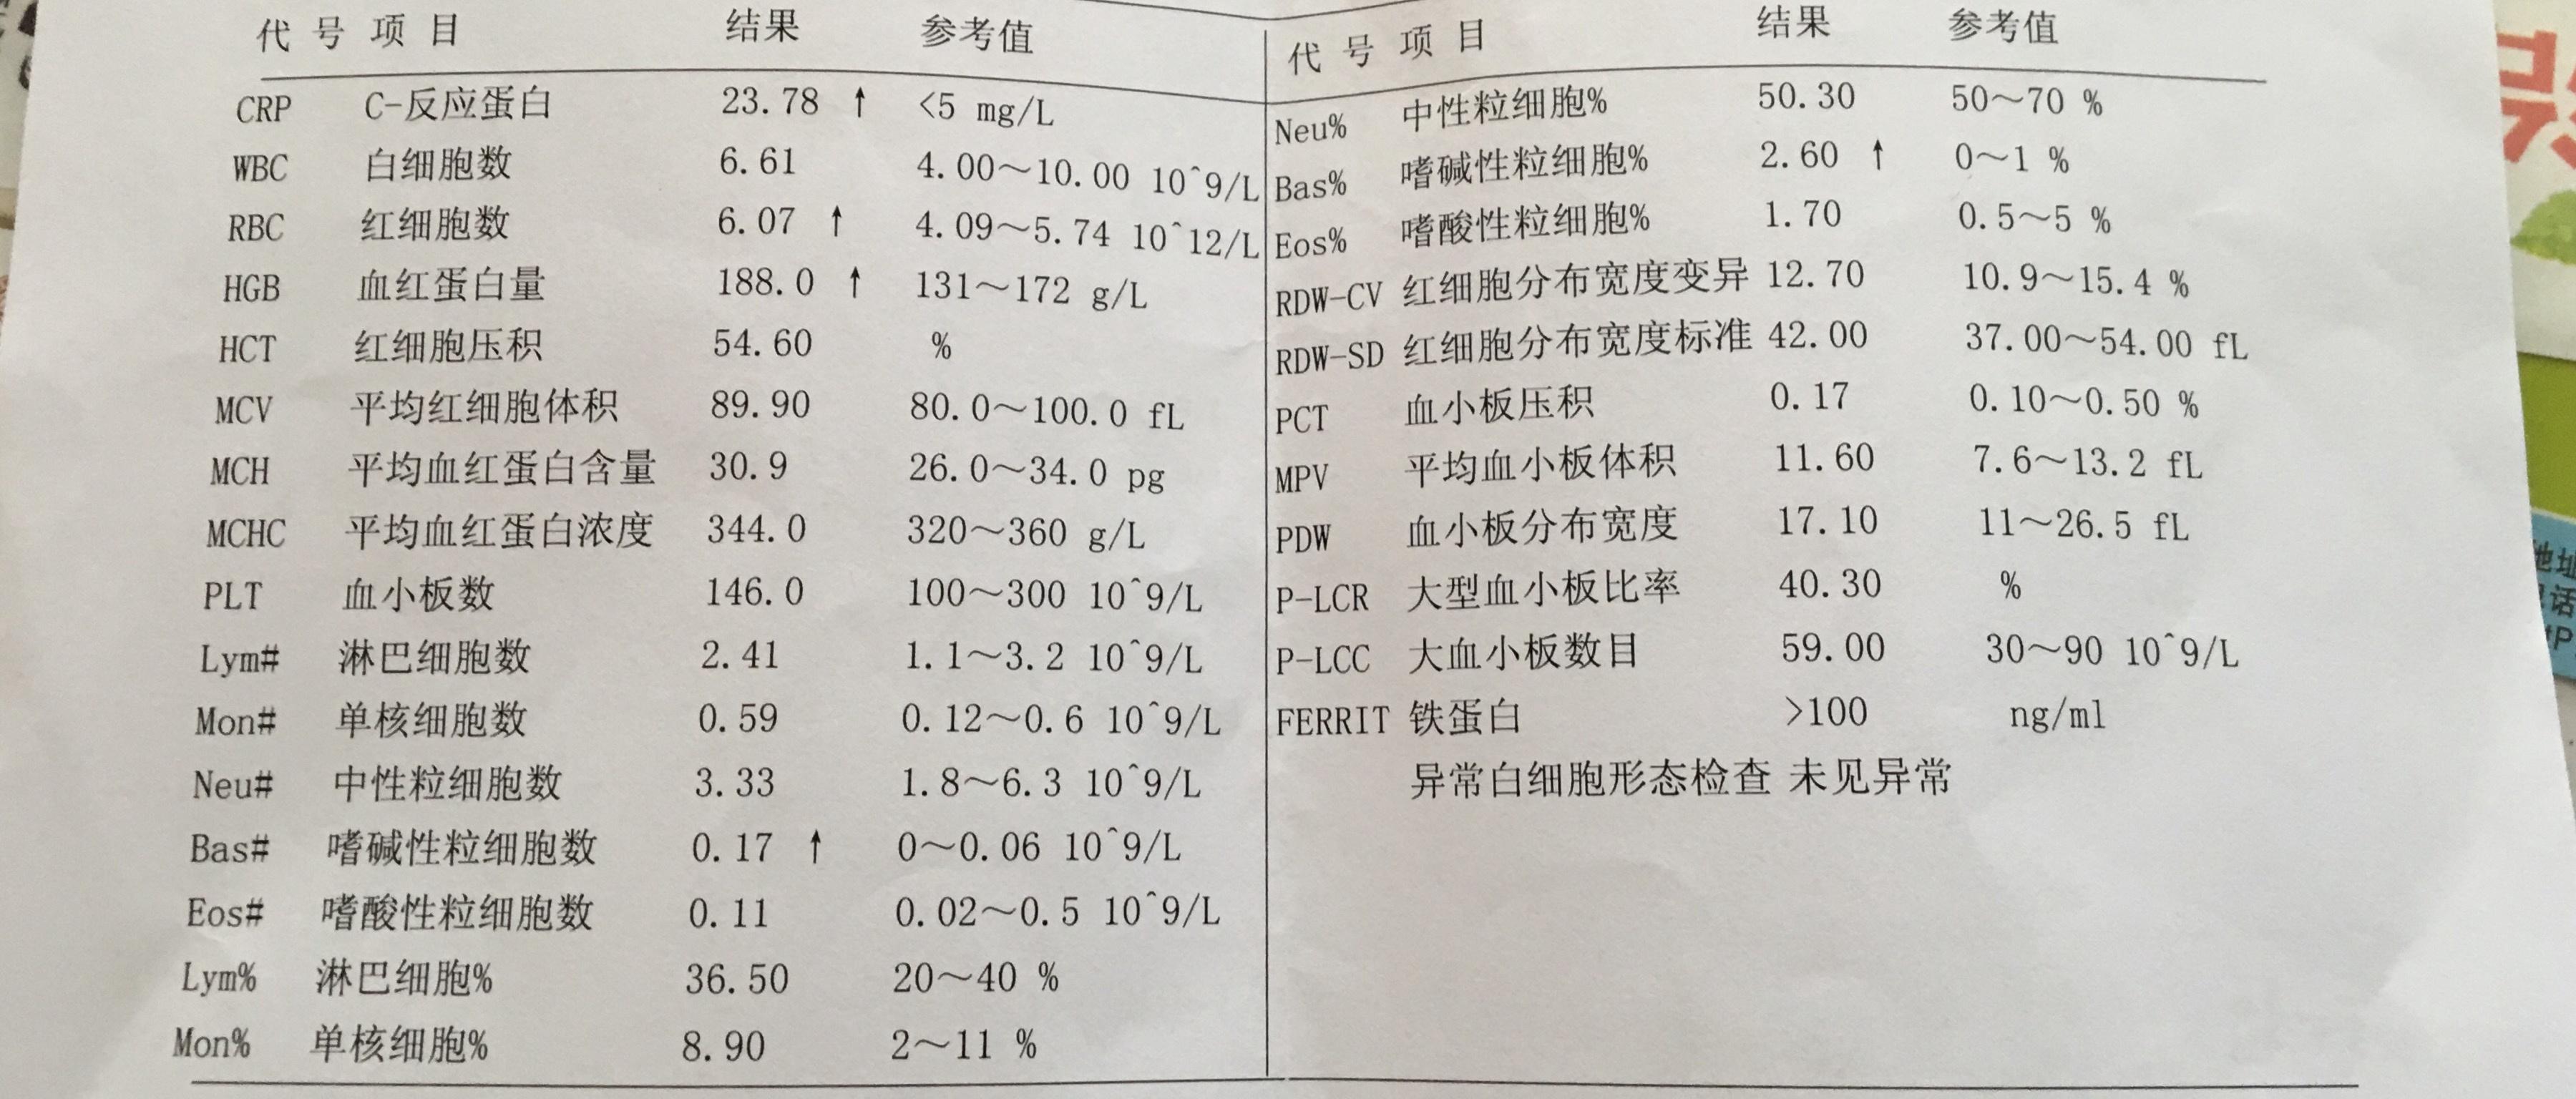 1D4DCD84-C161-497A-A3CB-BD1AEB75B6FC.jpeg